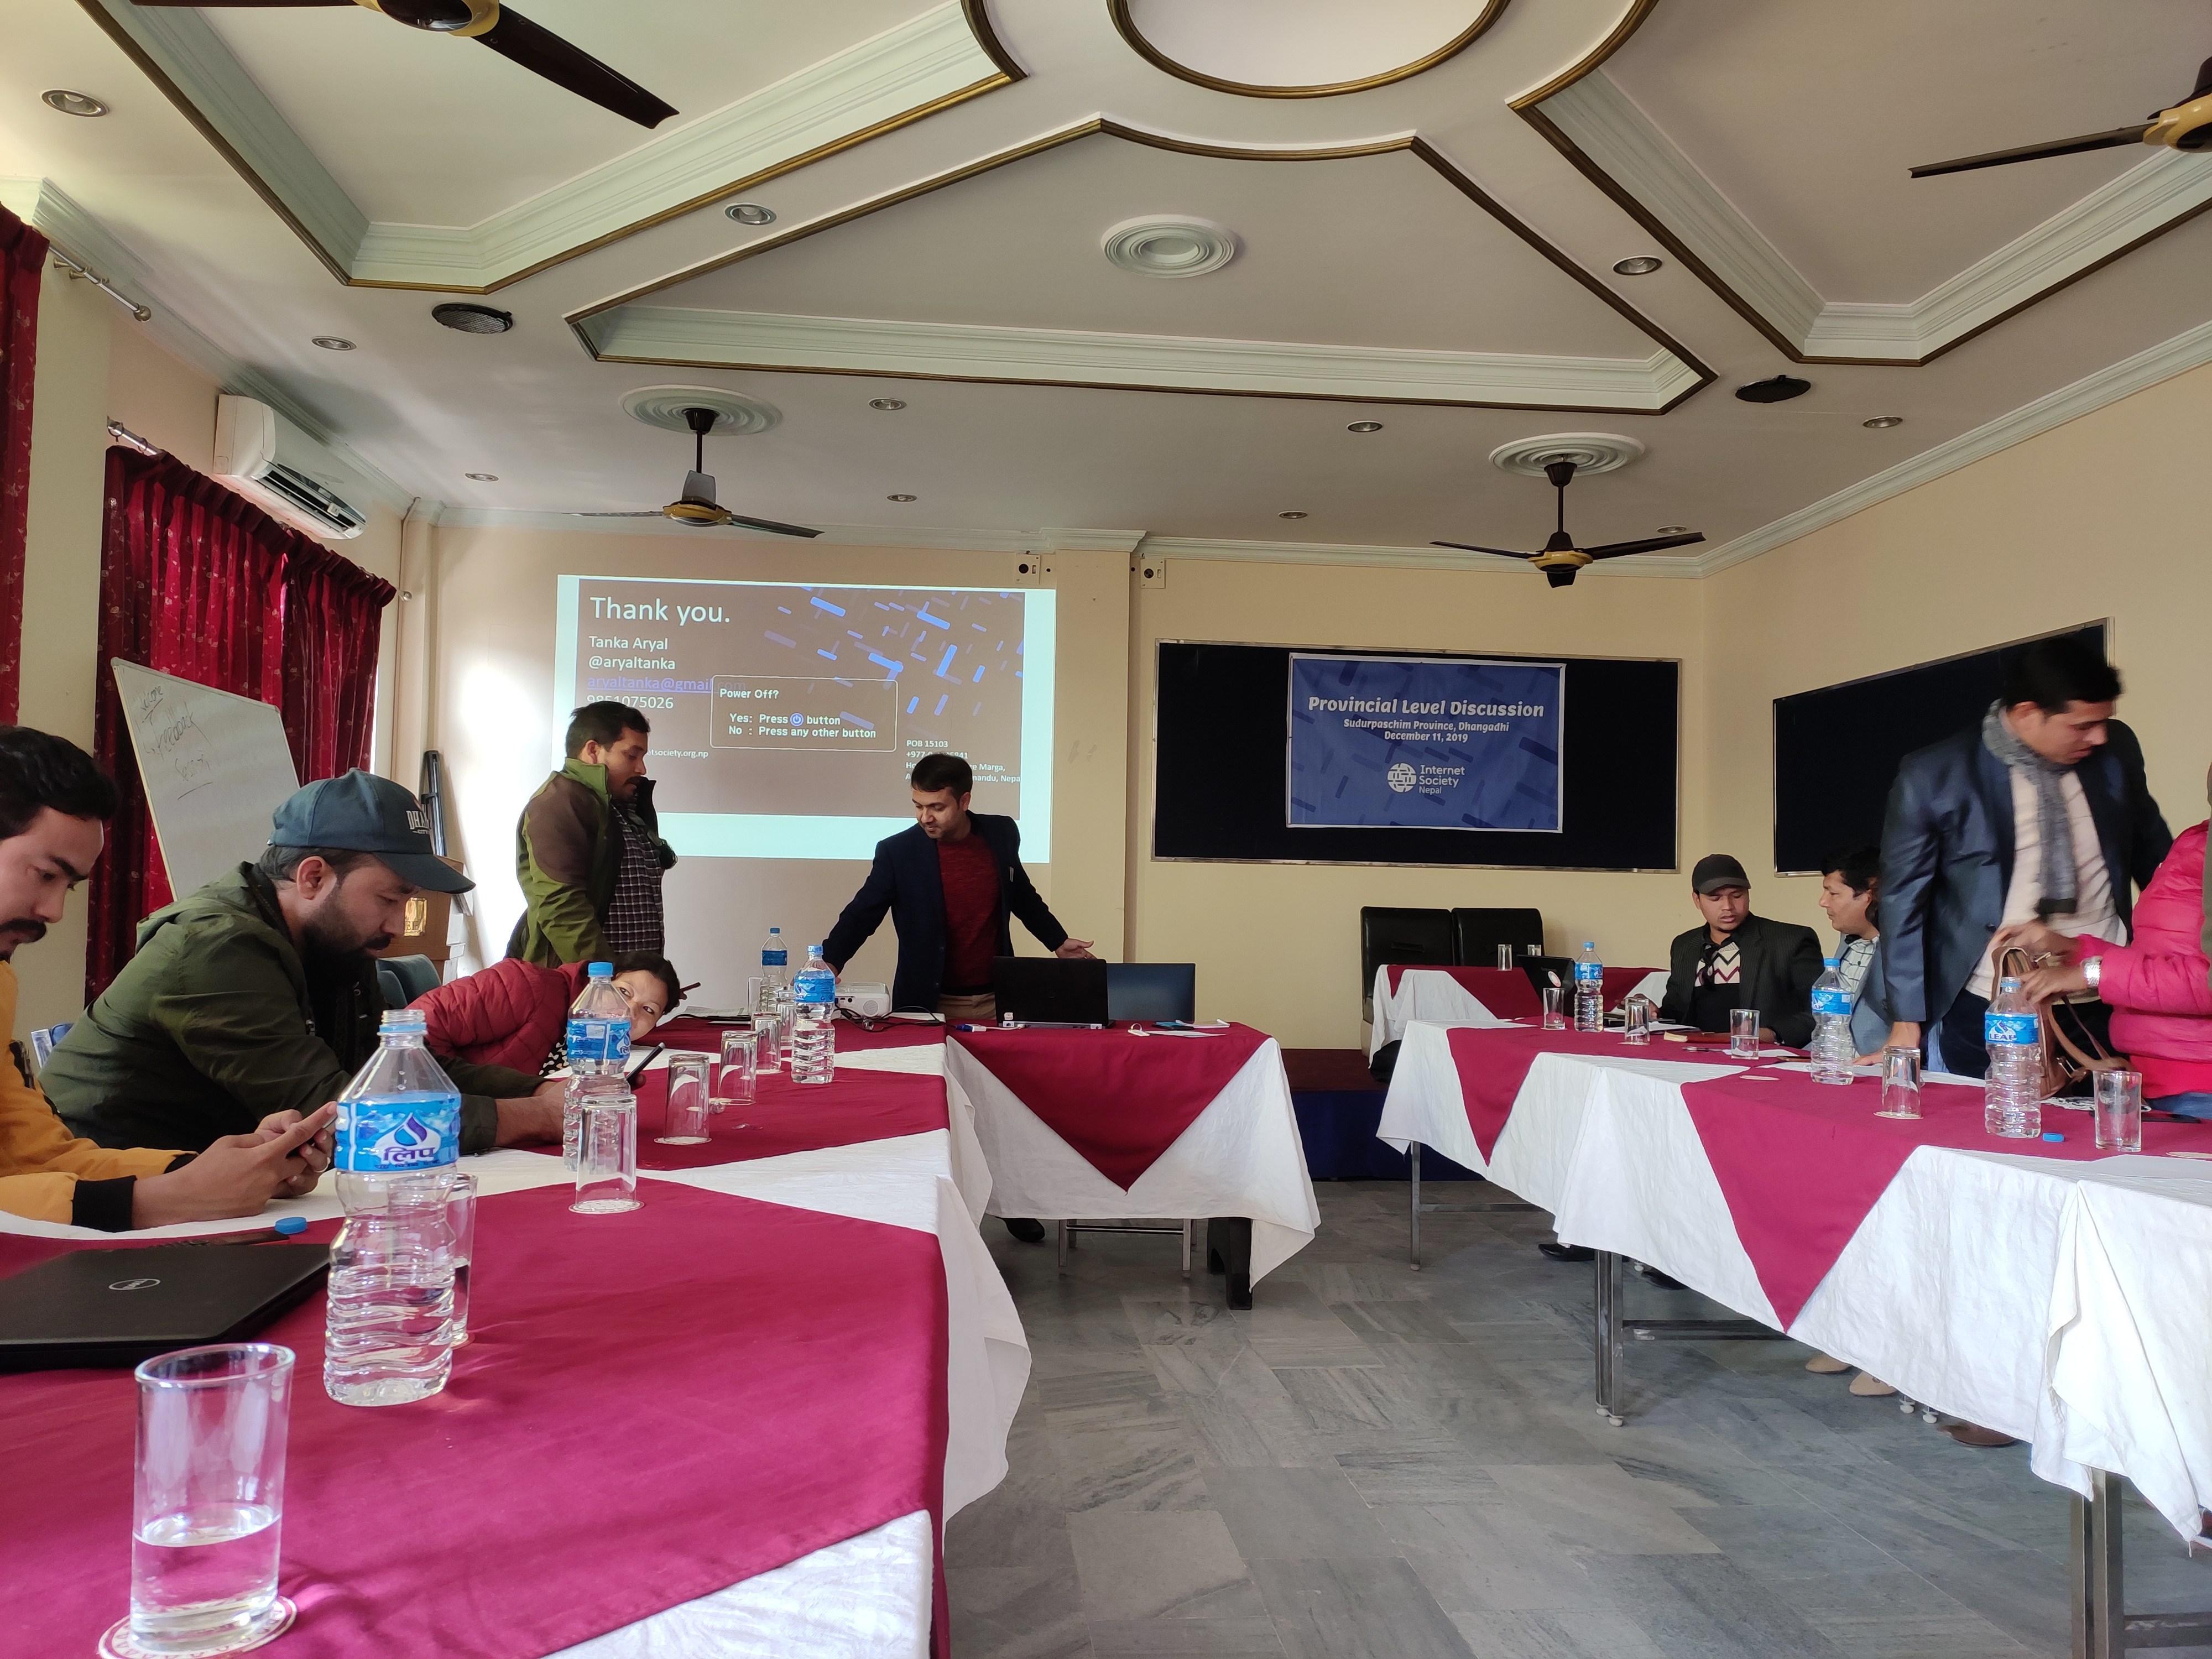 धनगढीमा ईन्टरनेट सम्बन्धि प्रदेश स्तरीय छ्लफल